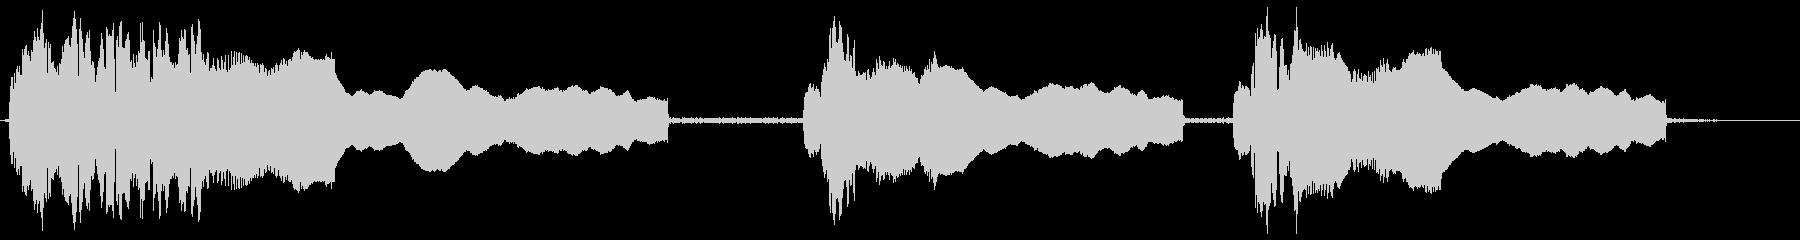 サイレン警察ダブルストップの未再生の波形